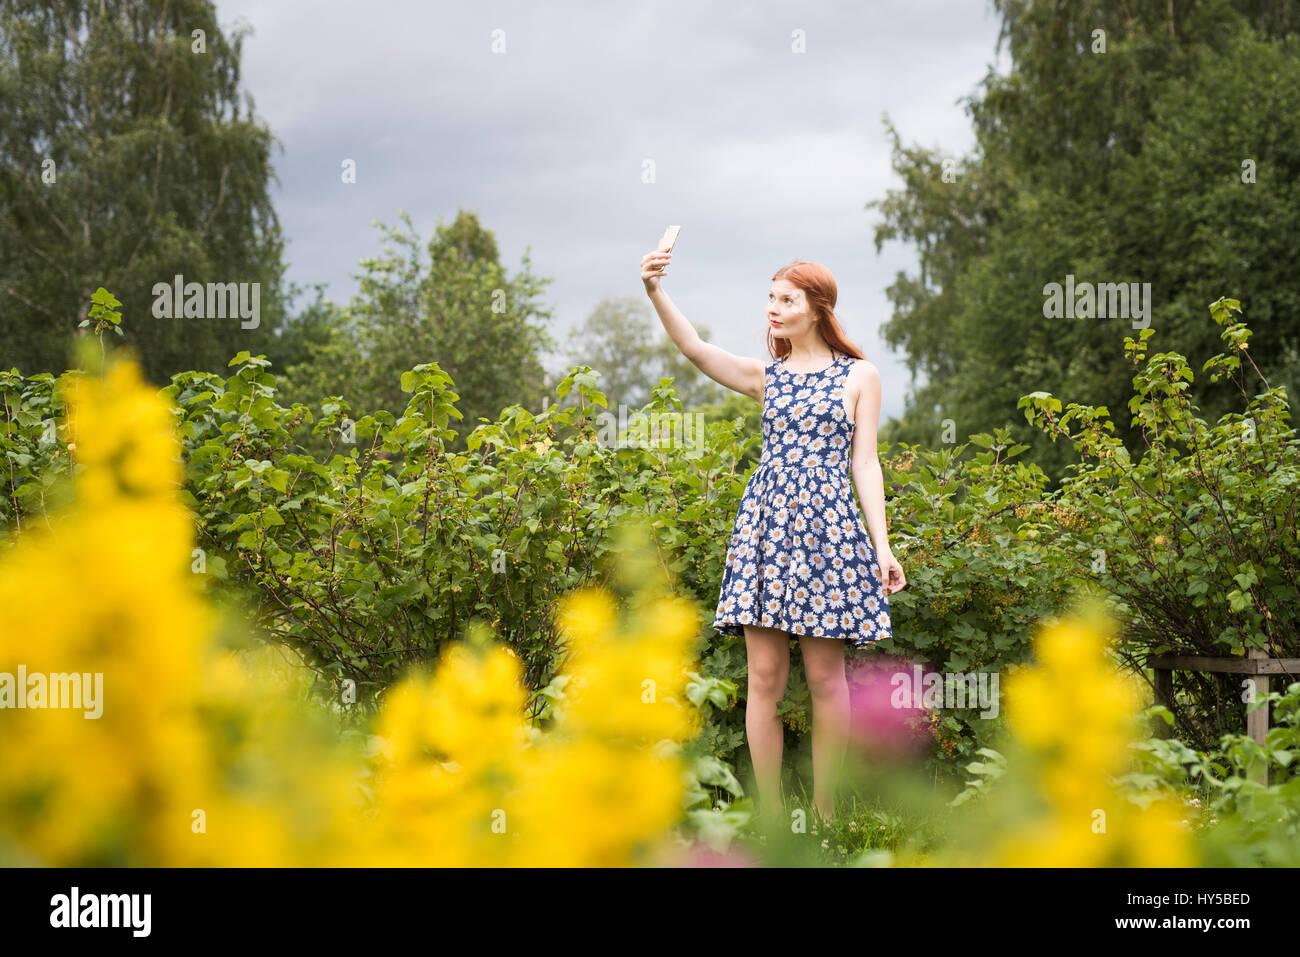 Finnland, Pirkanmaa, Tampere, Frau unter selfie in ländlichen Landschaft Stockbild